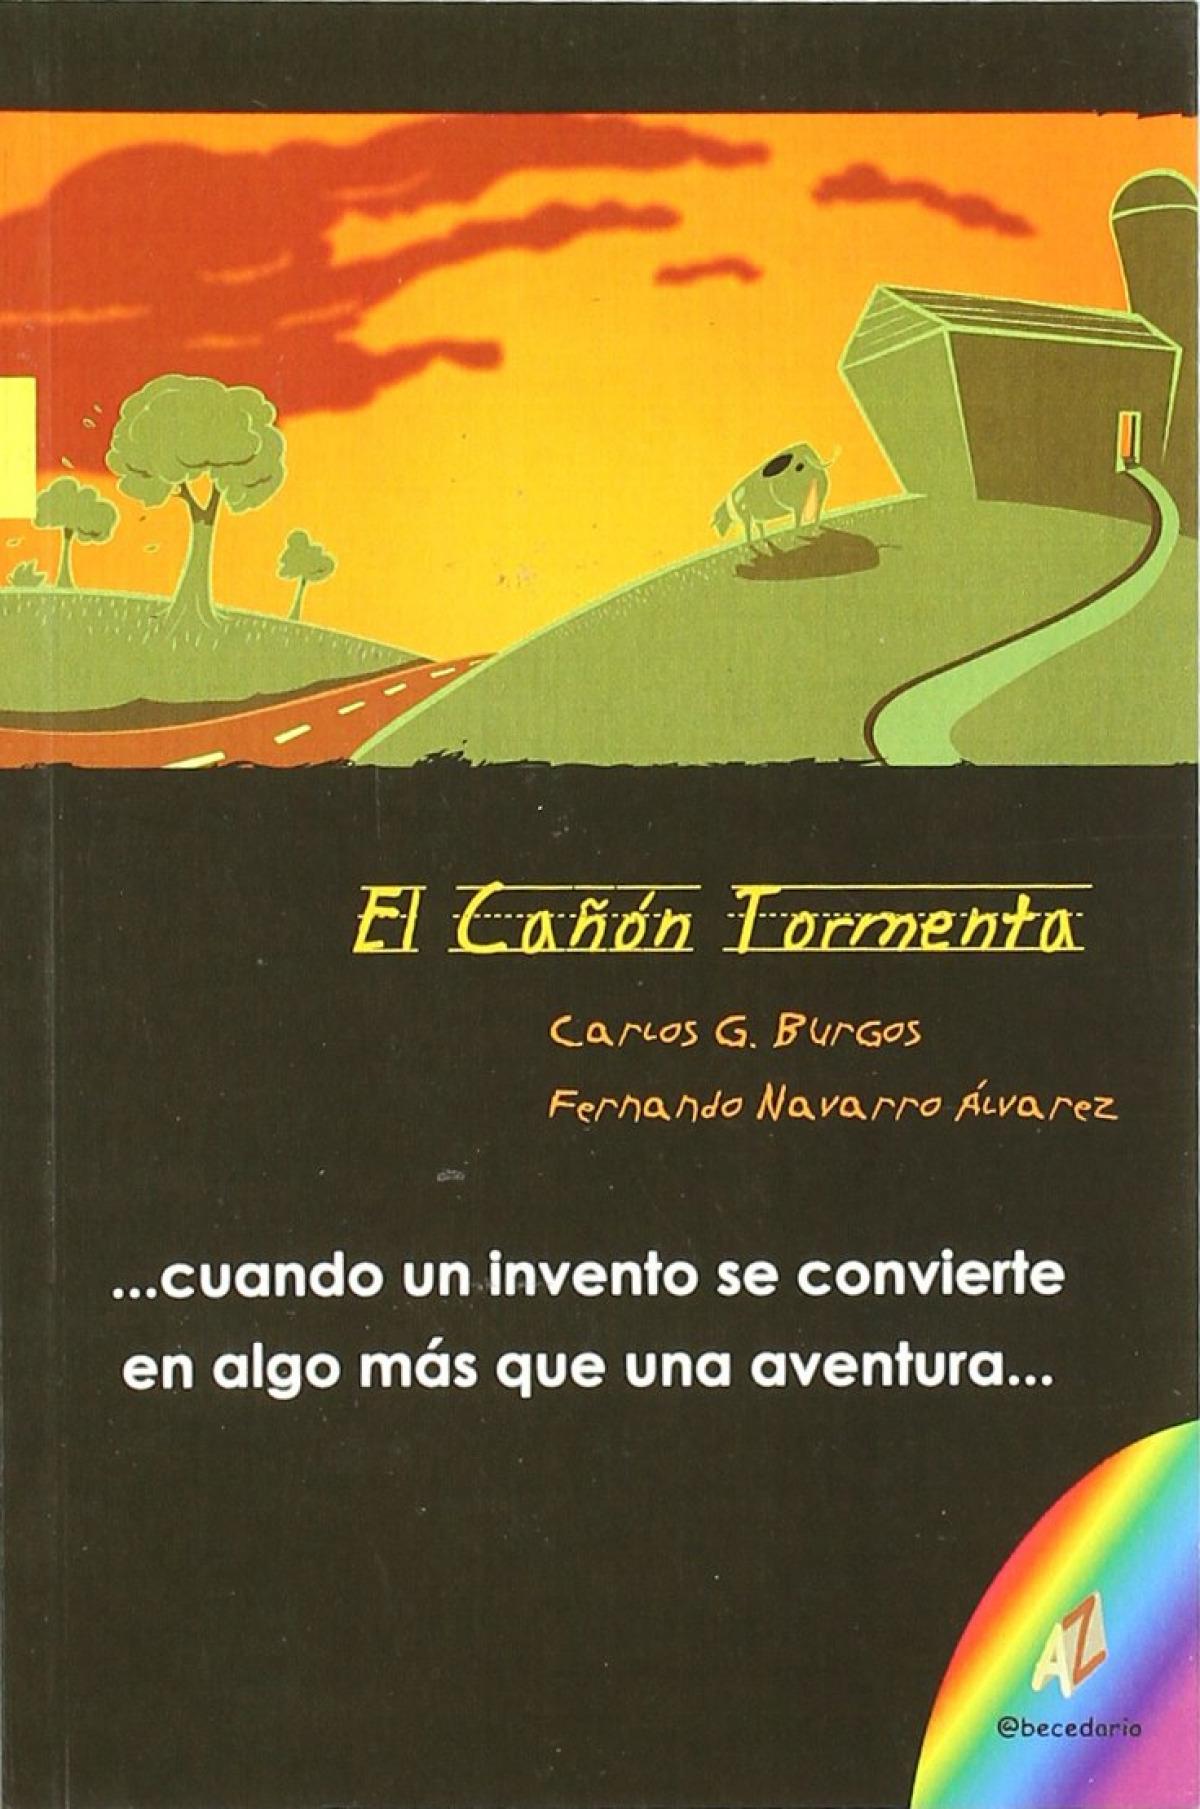 El Cañón Tormenta CUANDO UN INVENTO SE CONVIERTE EN ALGO MAS QUE UNA AVENTURA - Fernando Navarro Álvarez, Carlos García Burgos